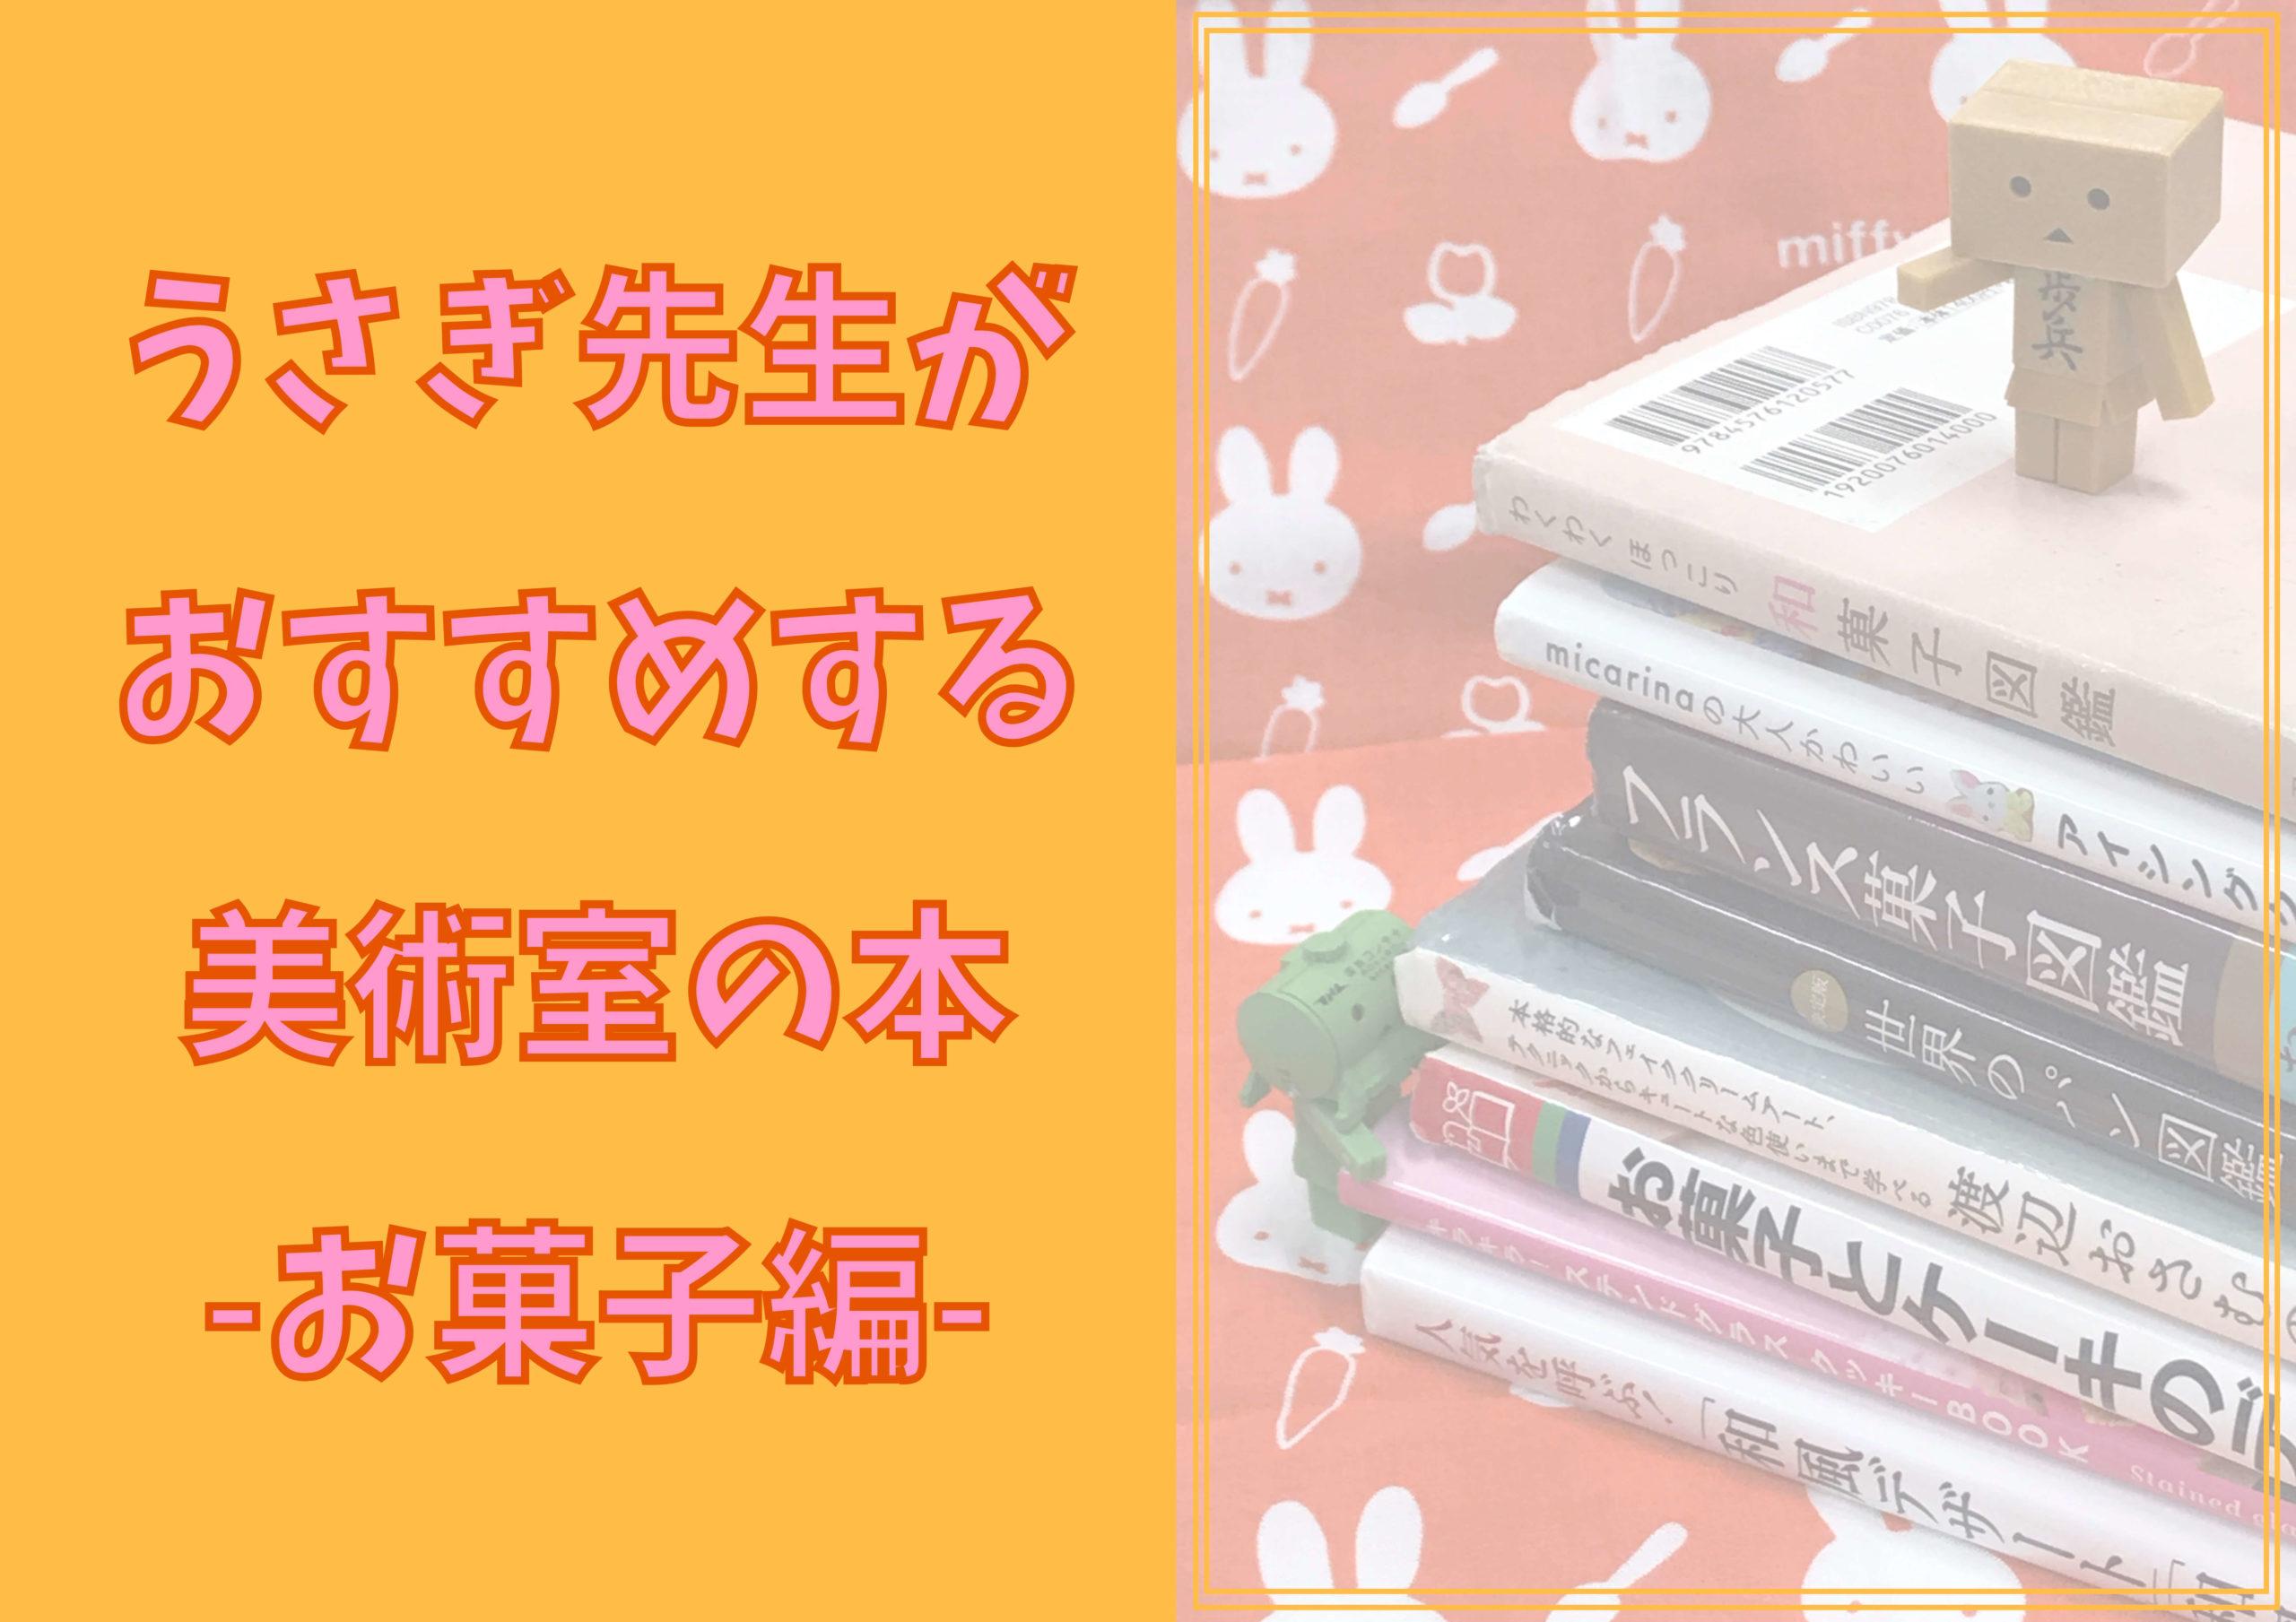 うさぎ先生がおすすめする美術室の本お菓子